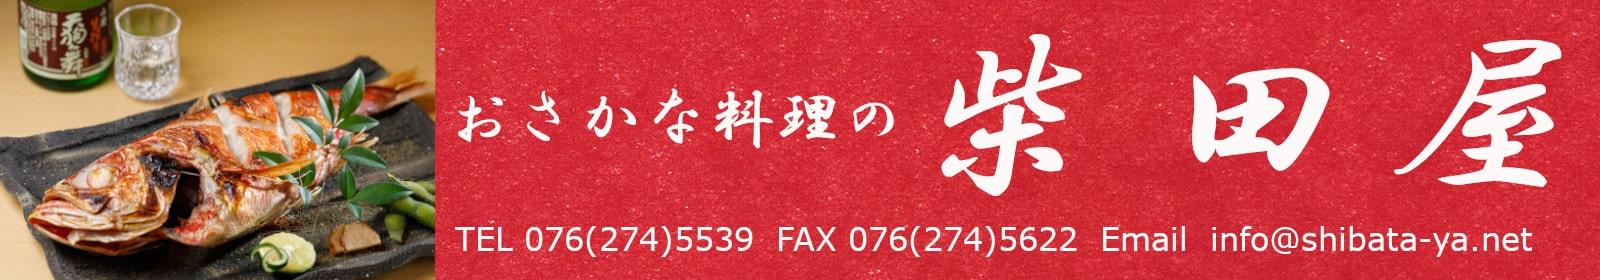 真洋創商 株式会社 おさかな料理の柴田屋